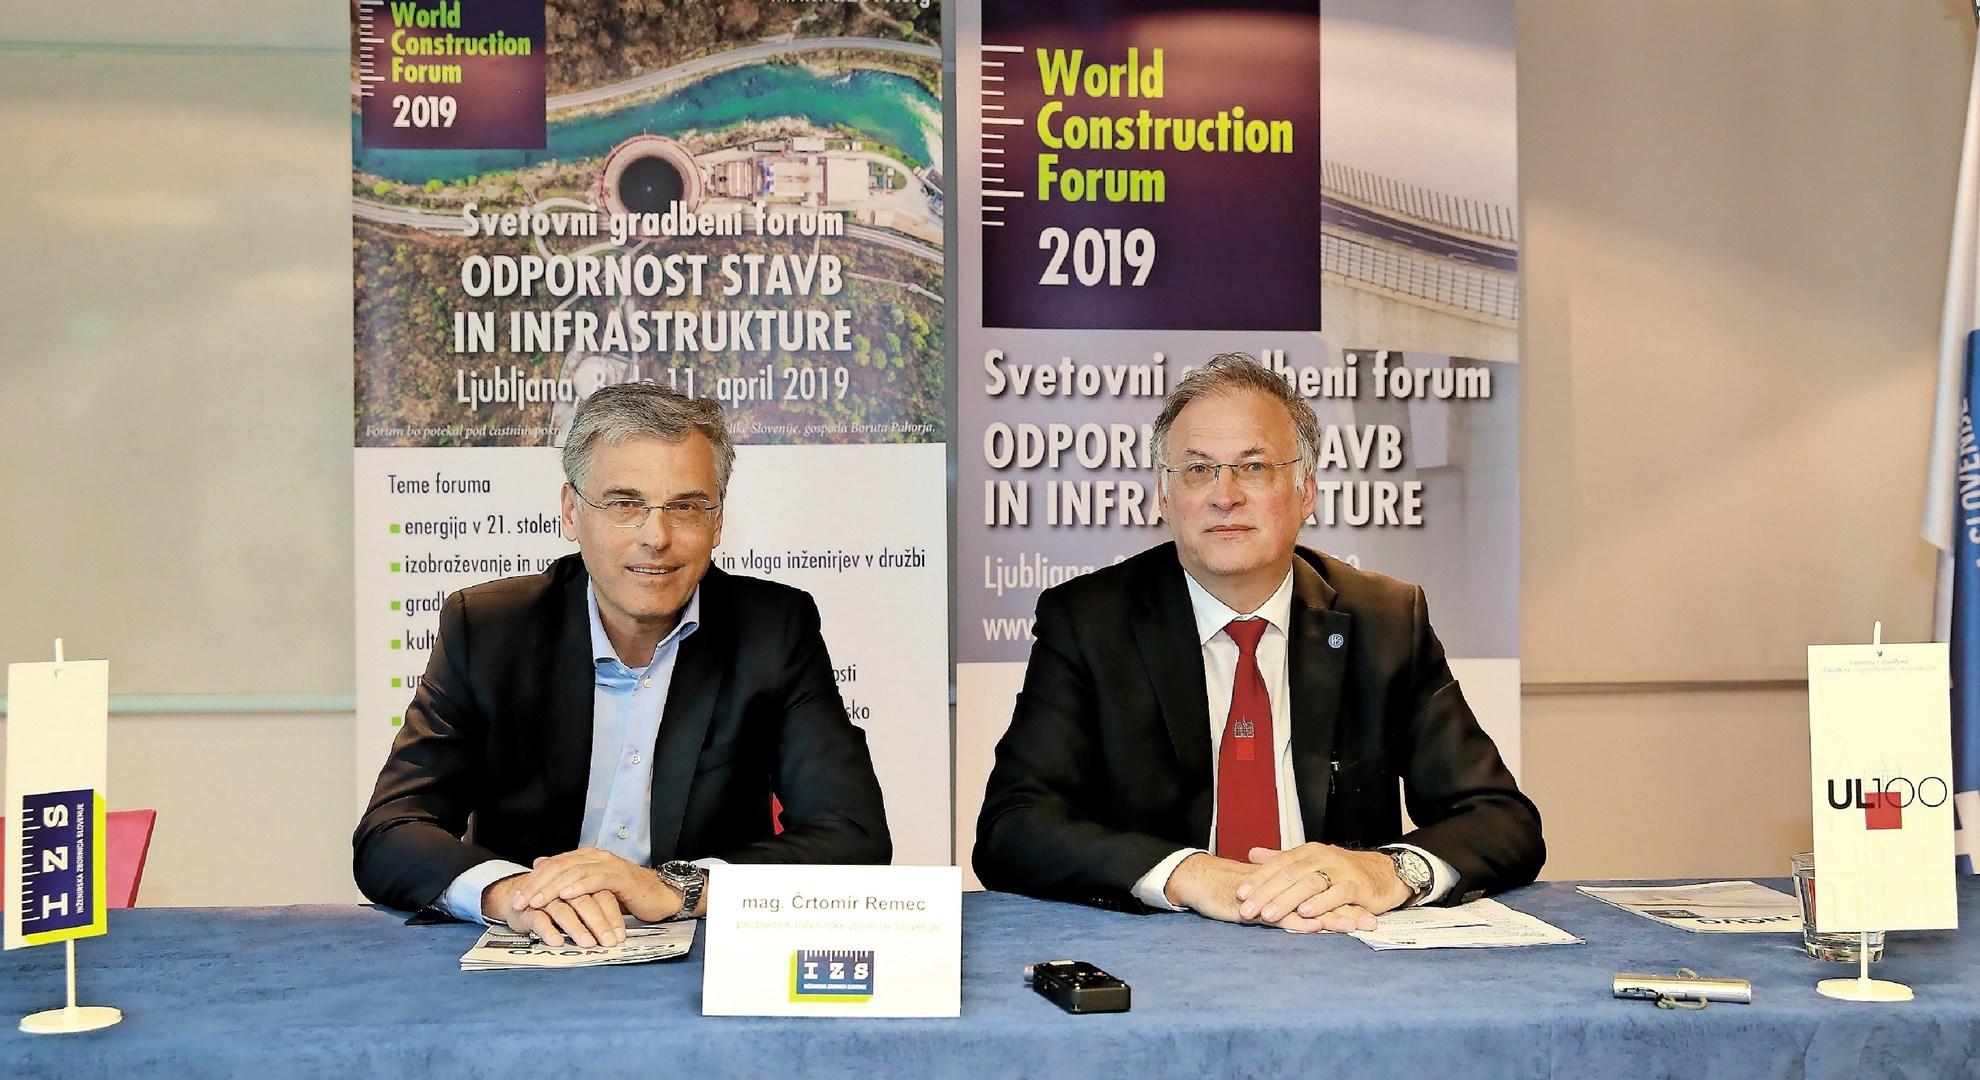 Svetovni gradbeni forum v Ljubljani: tradicionalna panoga, ki doživlja veliko sprememb